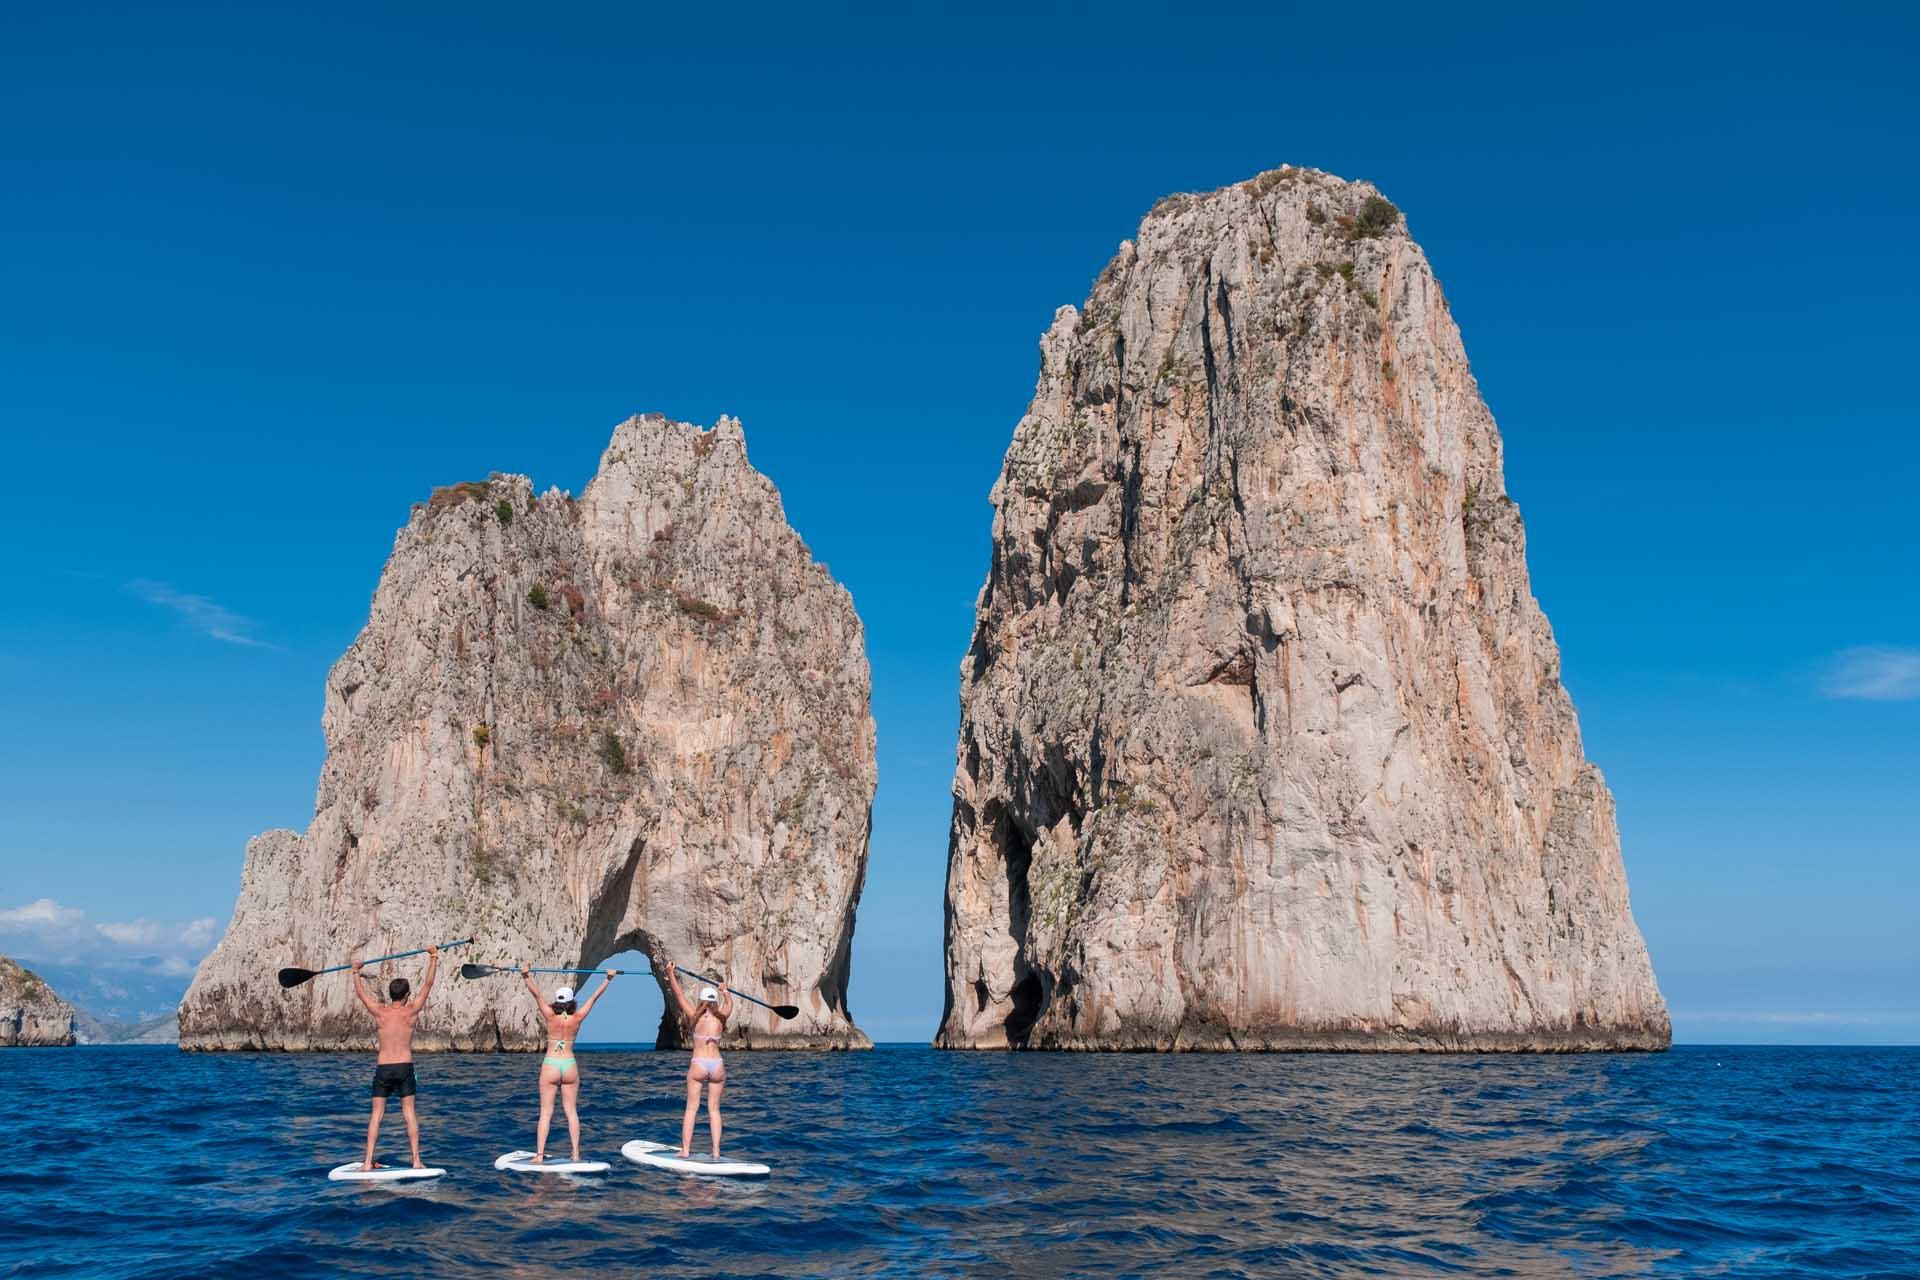 SUP tours in Capri